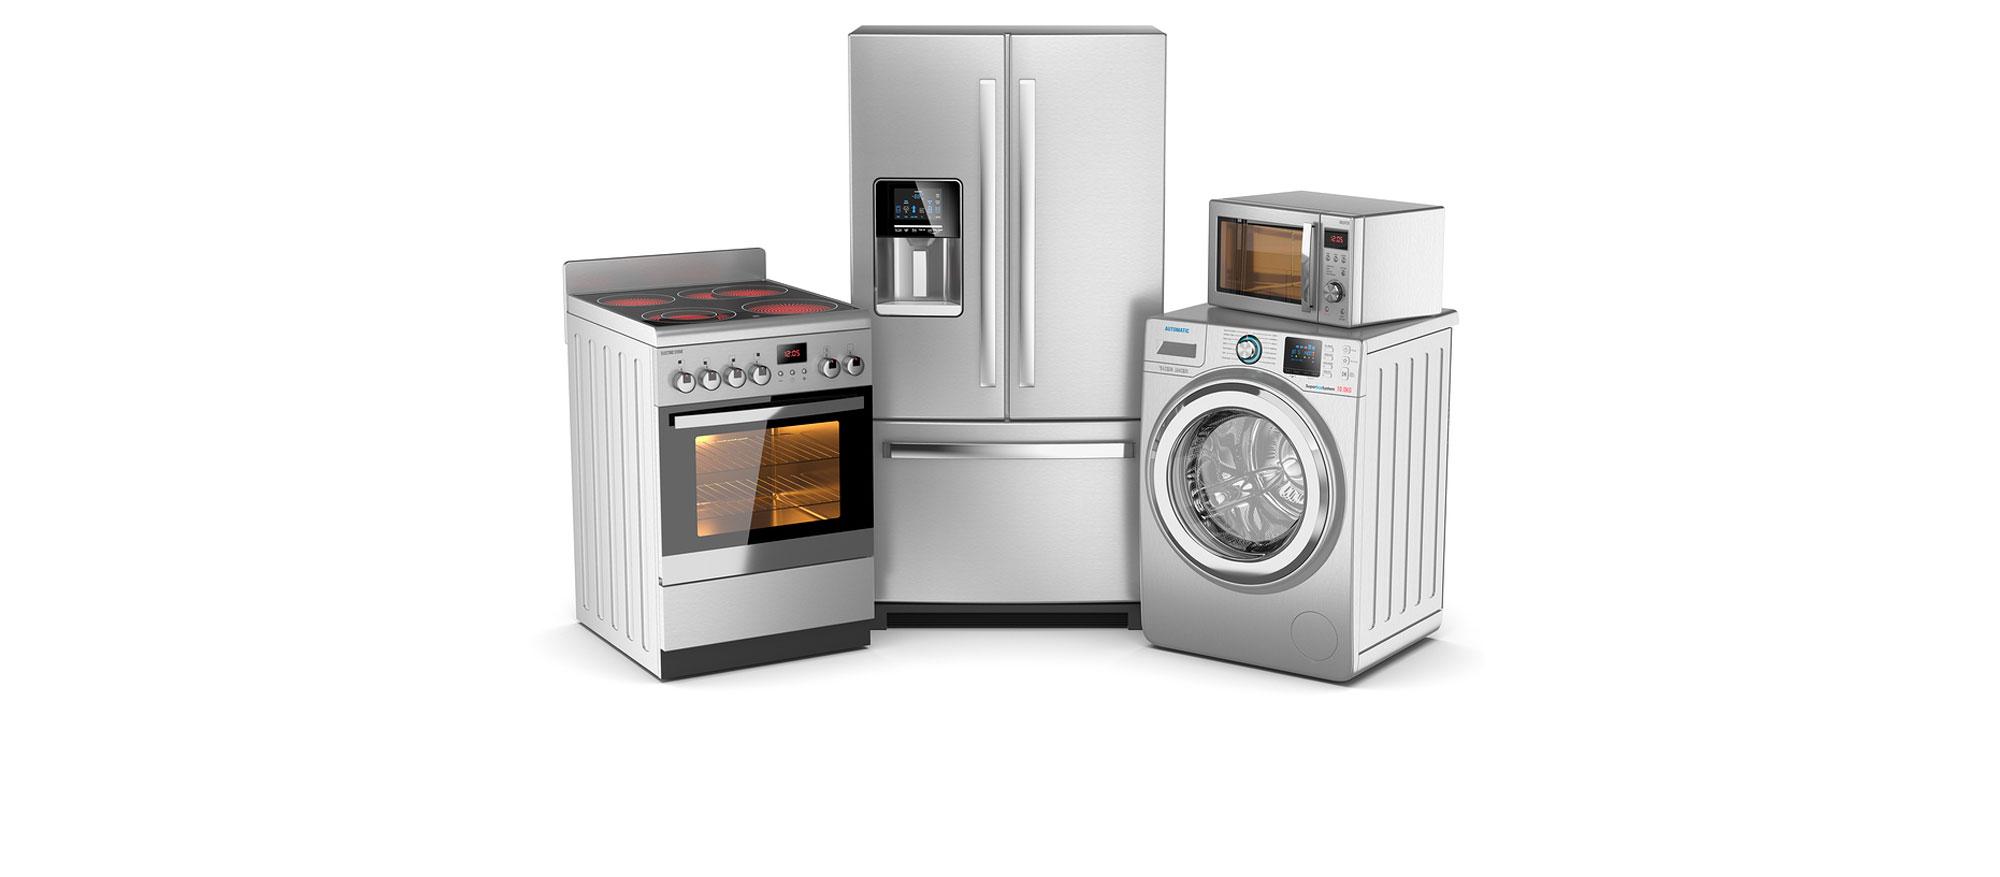 dl001aplusv2 - معلومات عن جهاز الطباخ